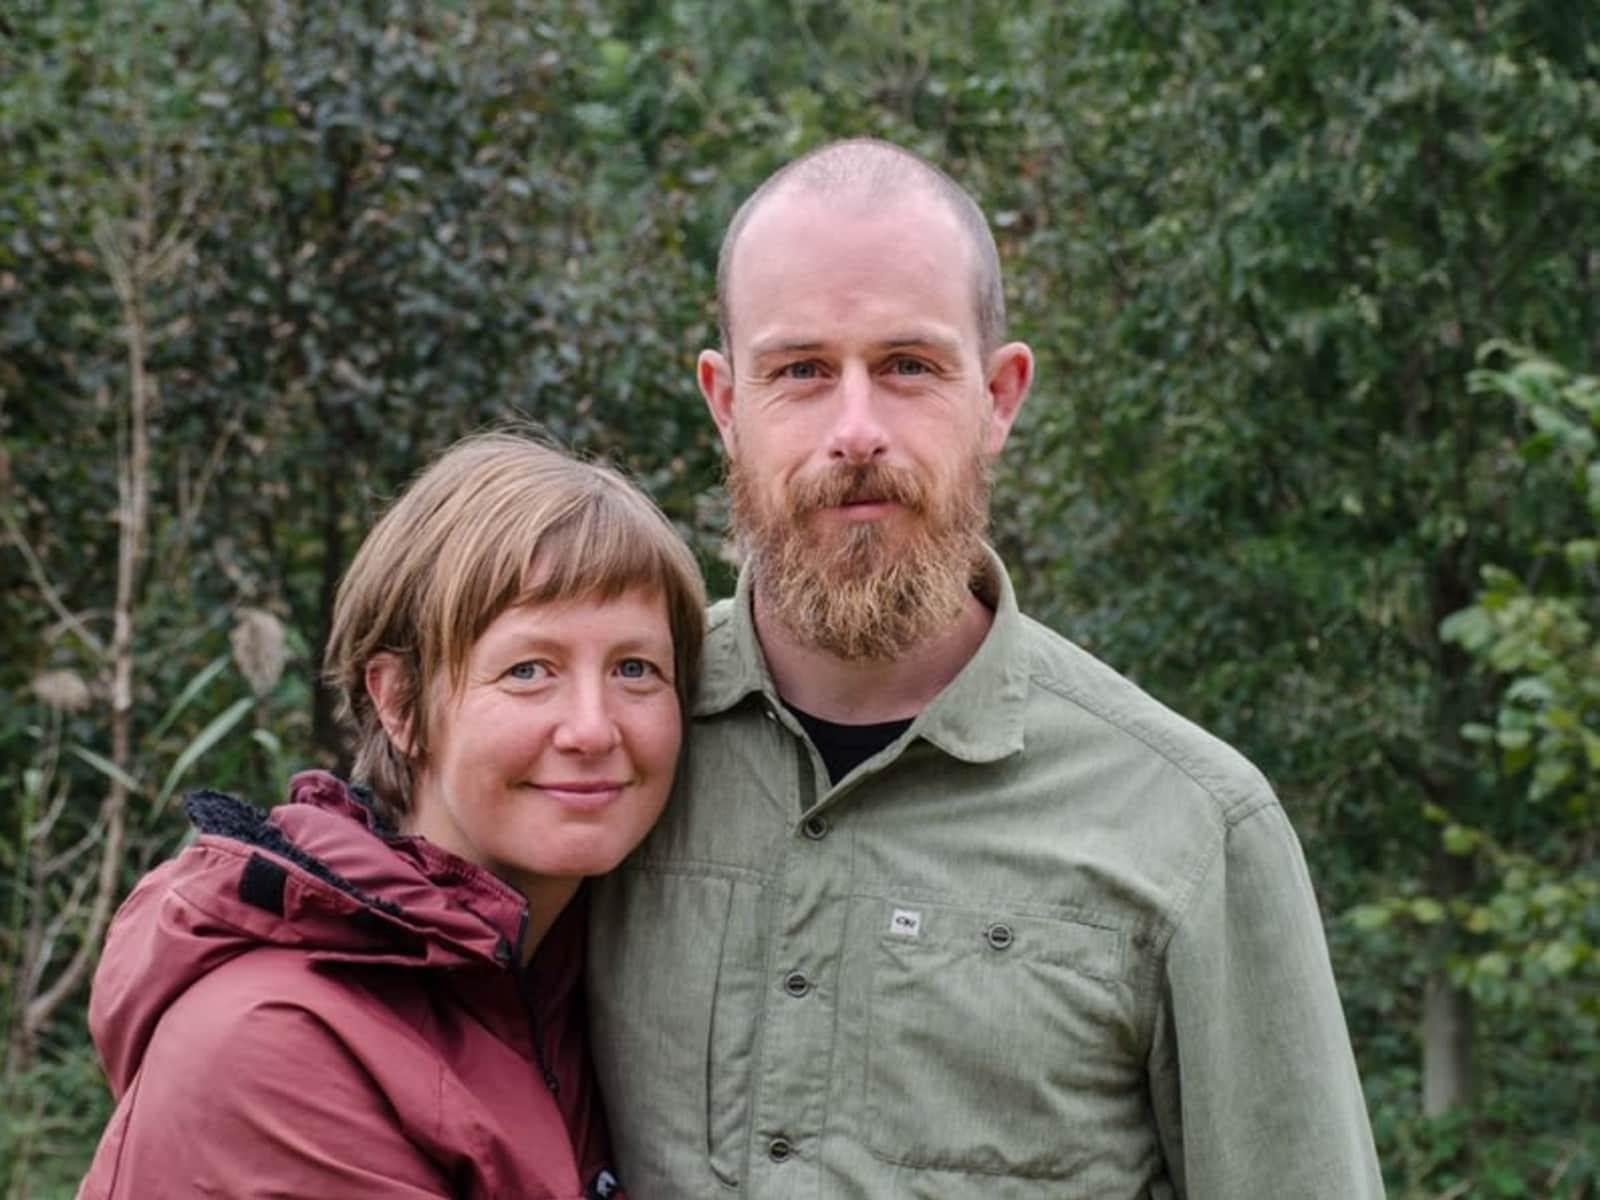 Jessica & Rory from Mechelen, Belgium